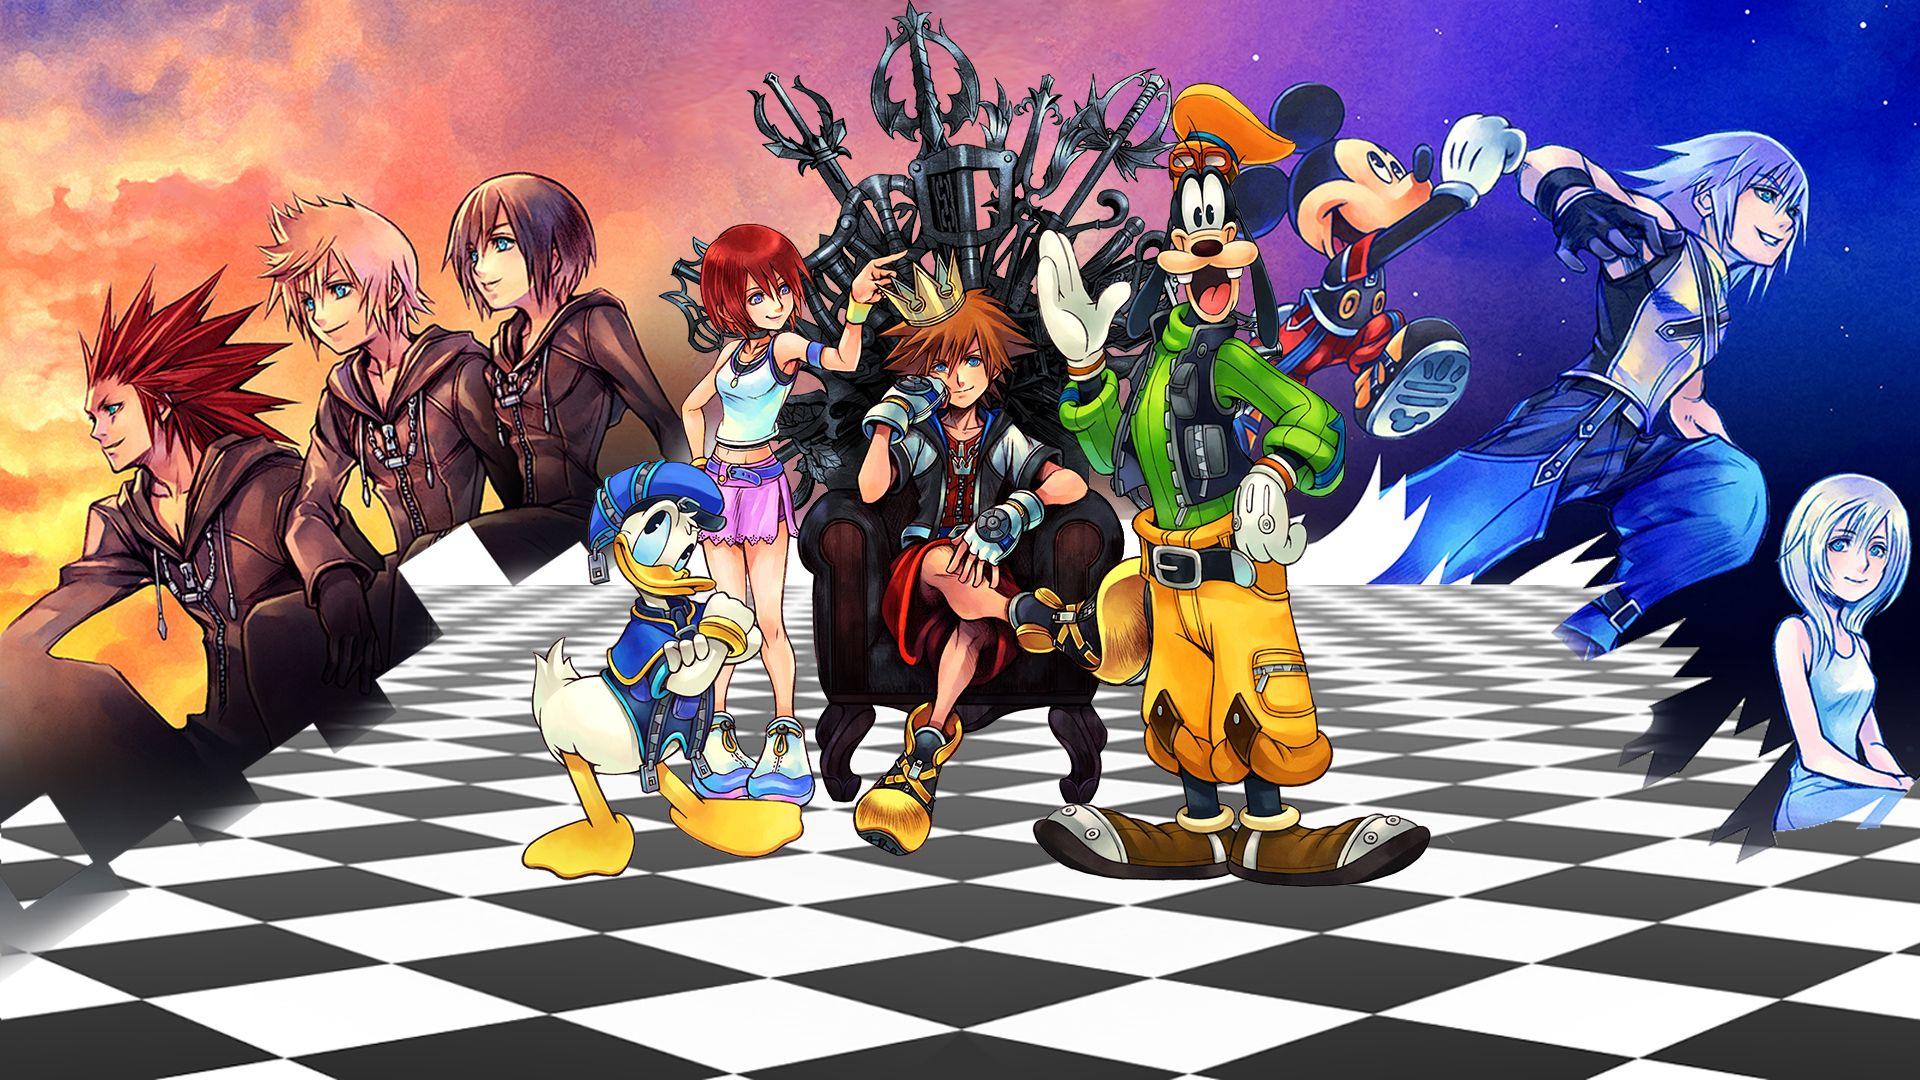 Kingdom Hearts Hd Wallpaper 1920x1080 Id 45611 Kingdom Hearts Wallpaper Kingdom Hearts Hd Kingdom Hearts Characters